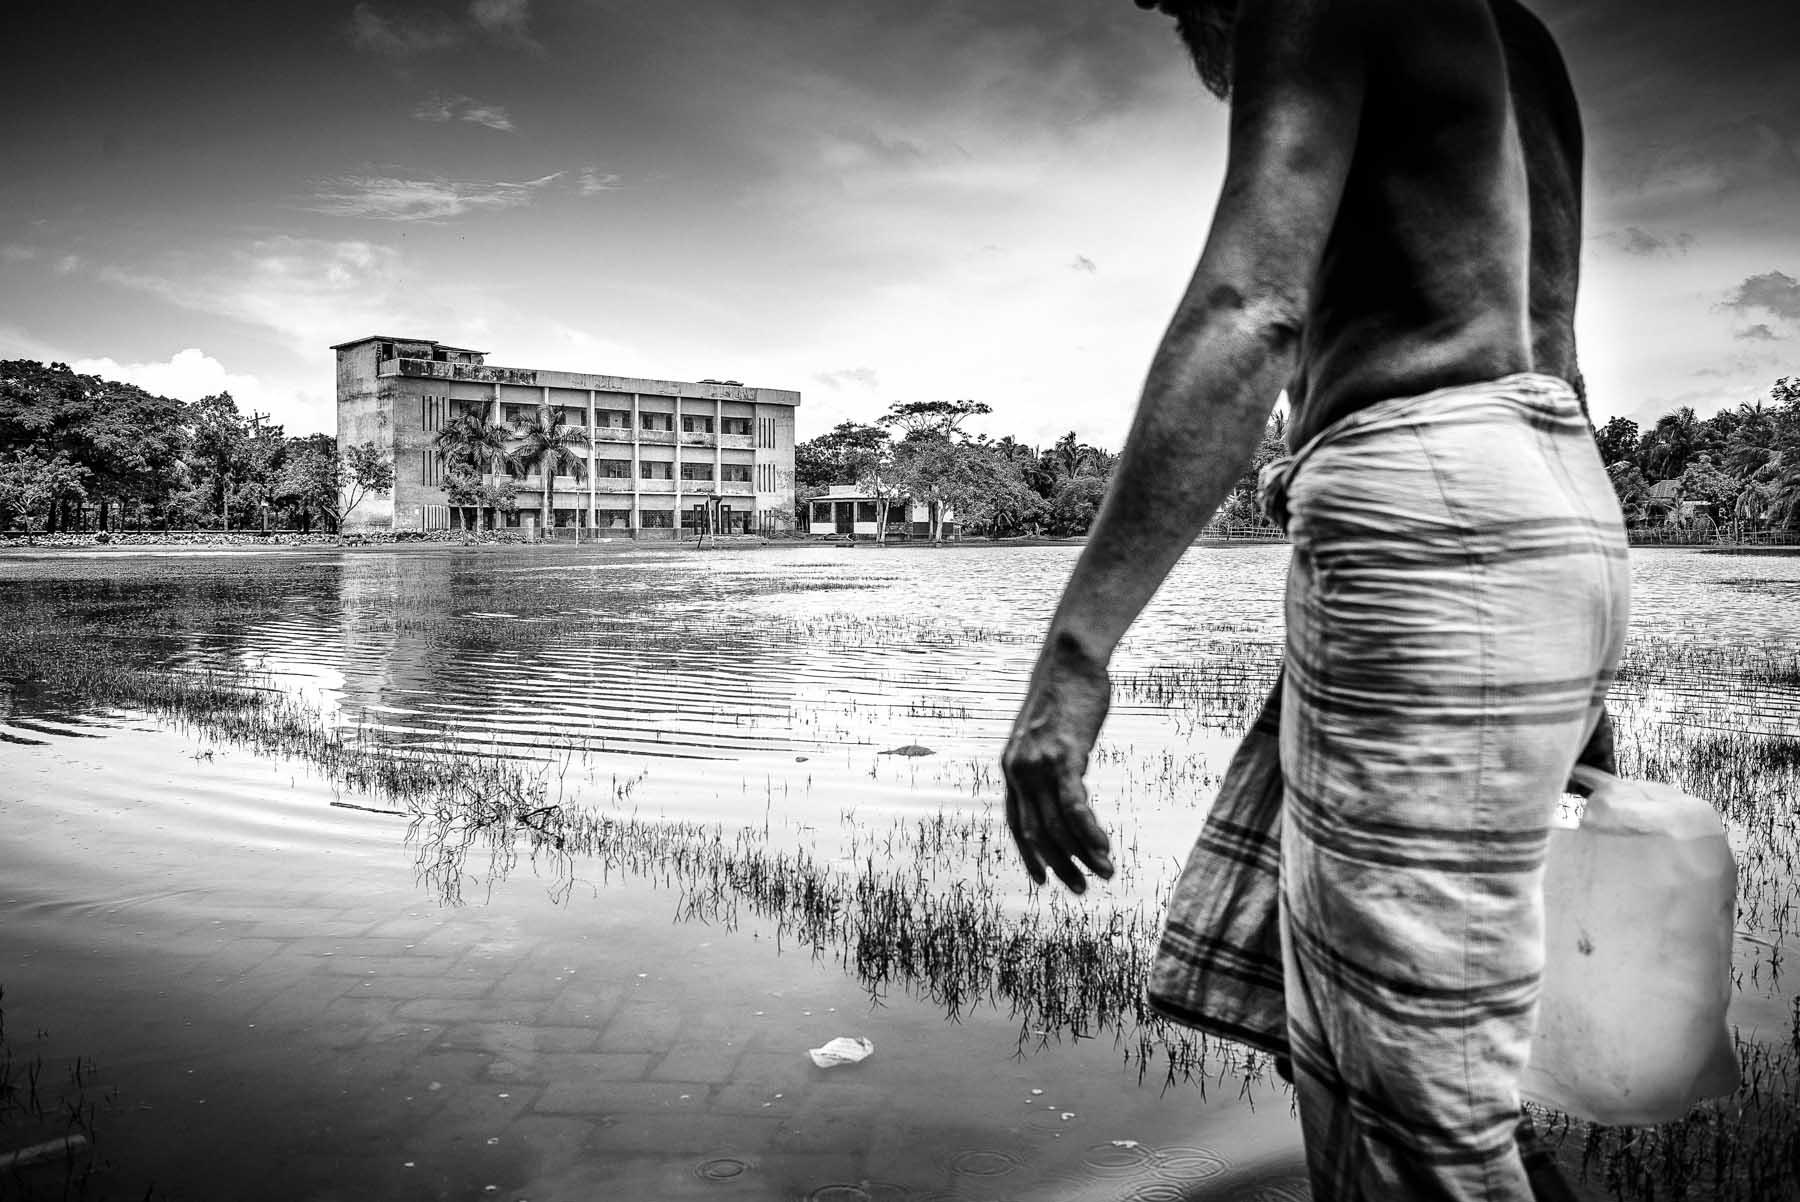 Jules_toulet_bangladesh-11